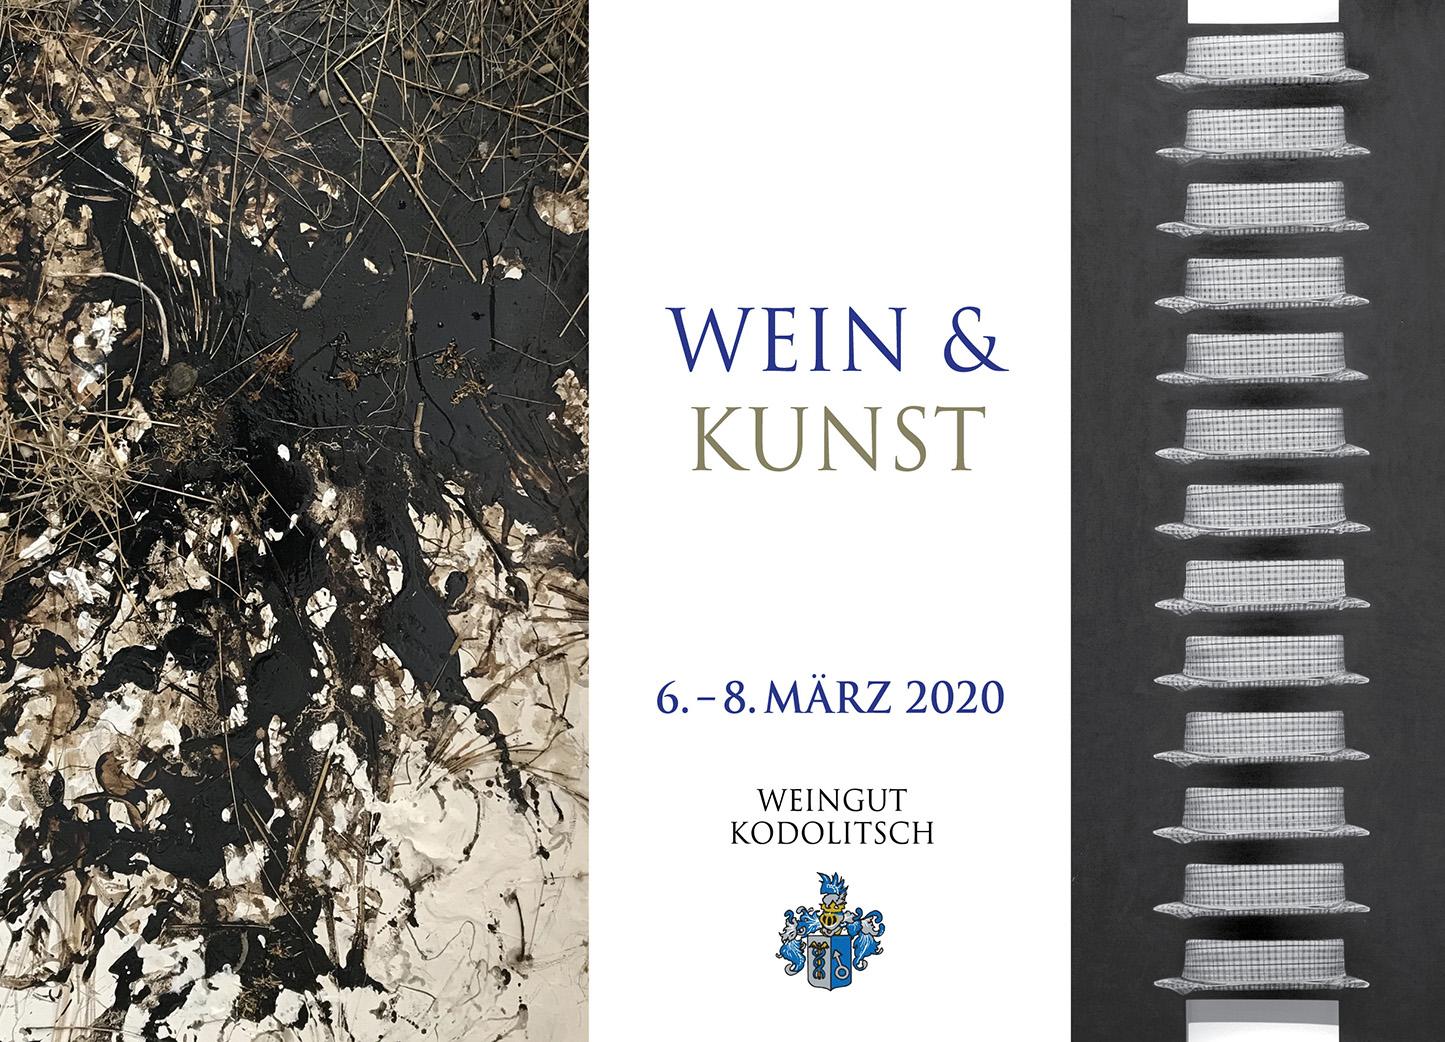 Wein&Kunst_März2020